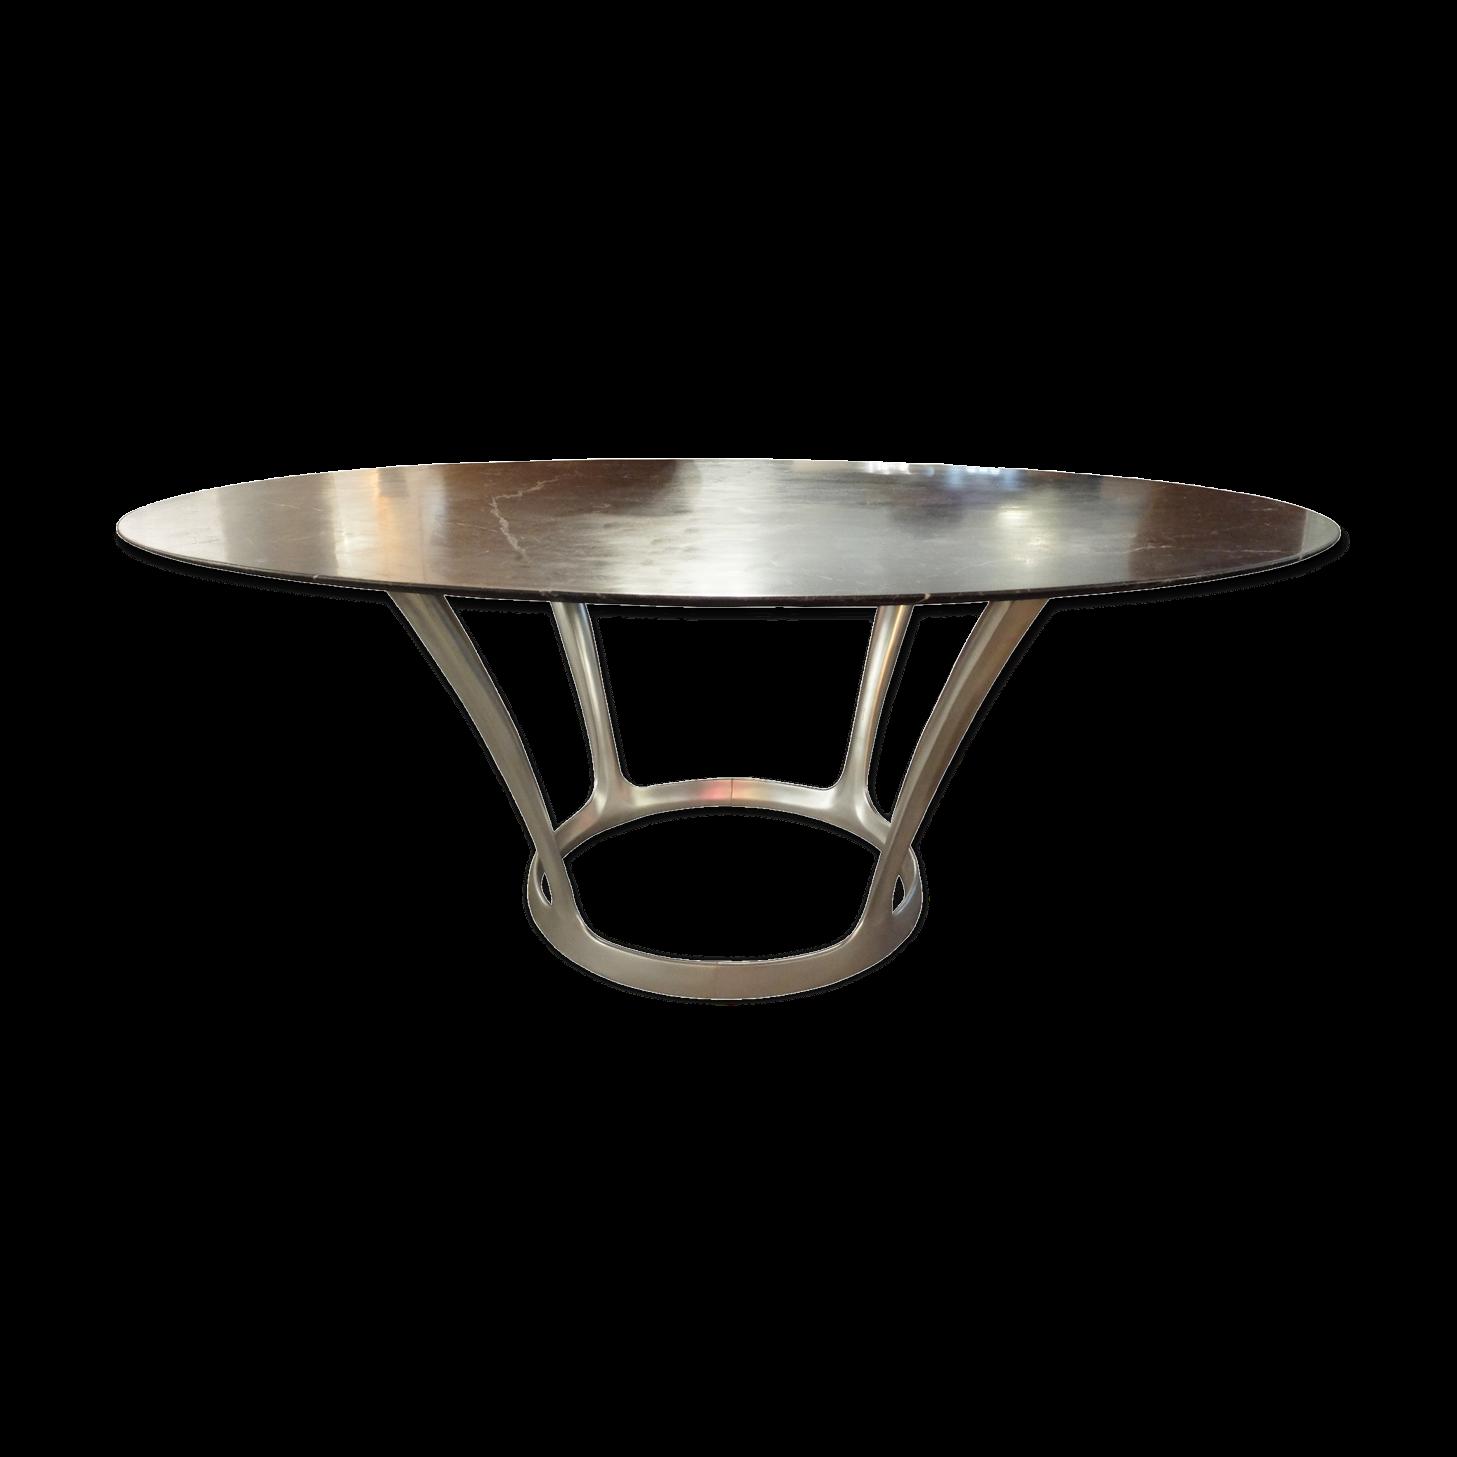 Table de repas ovale en marbre noir par Michel Charron France 1970